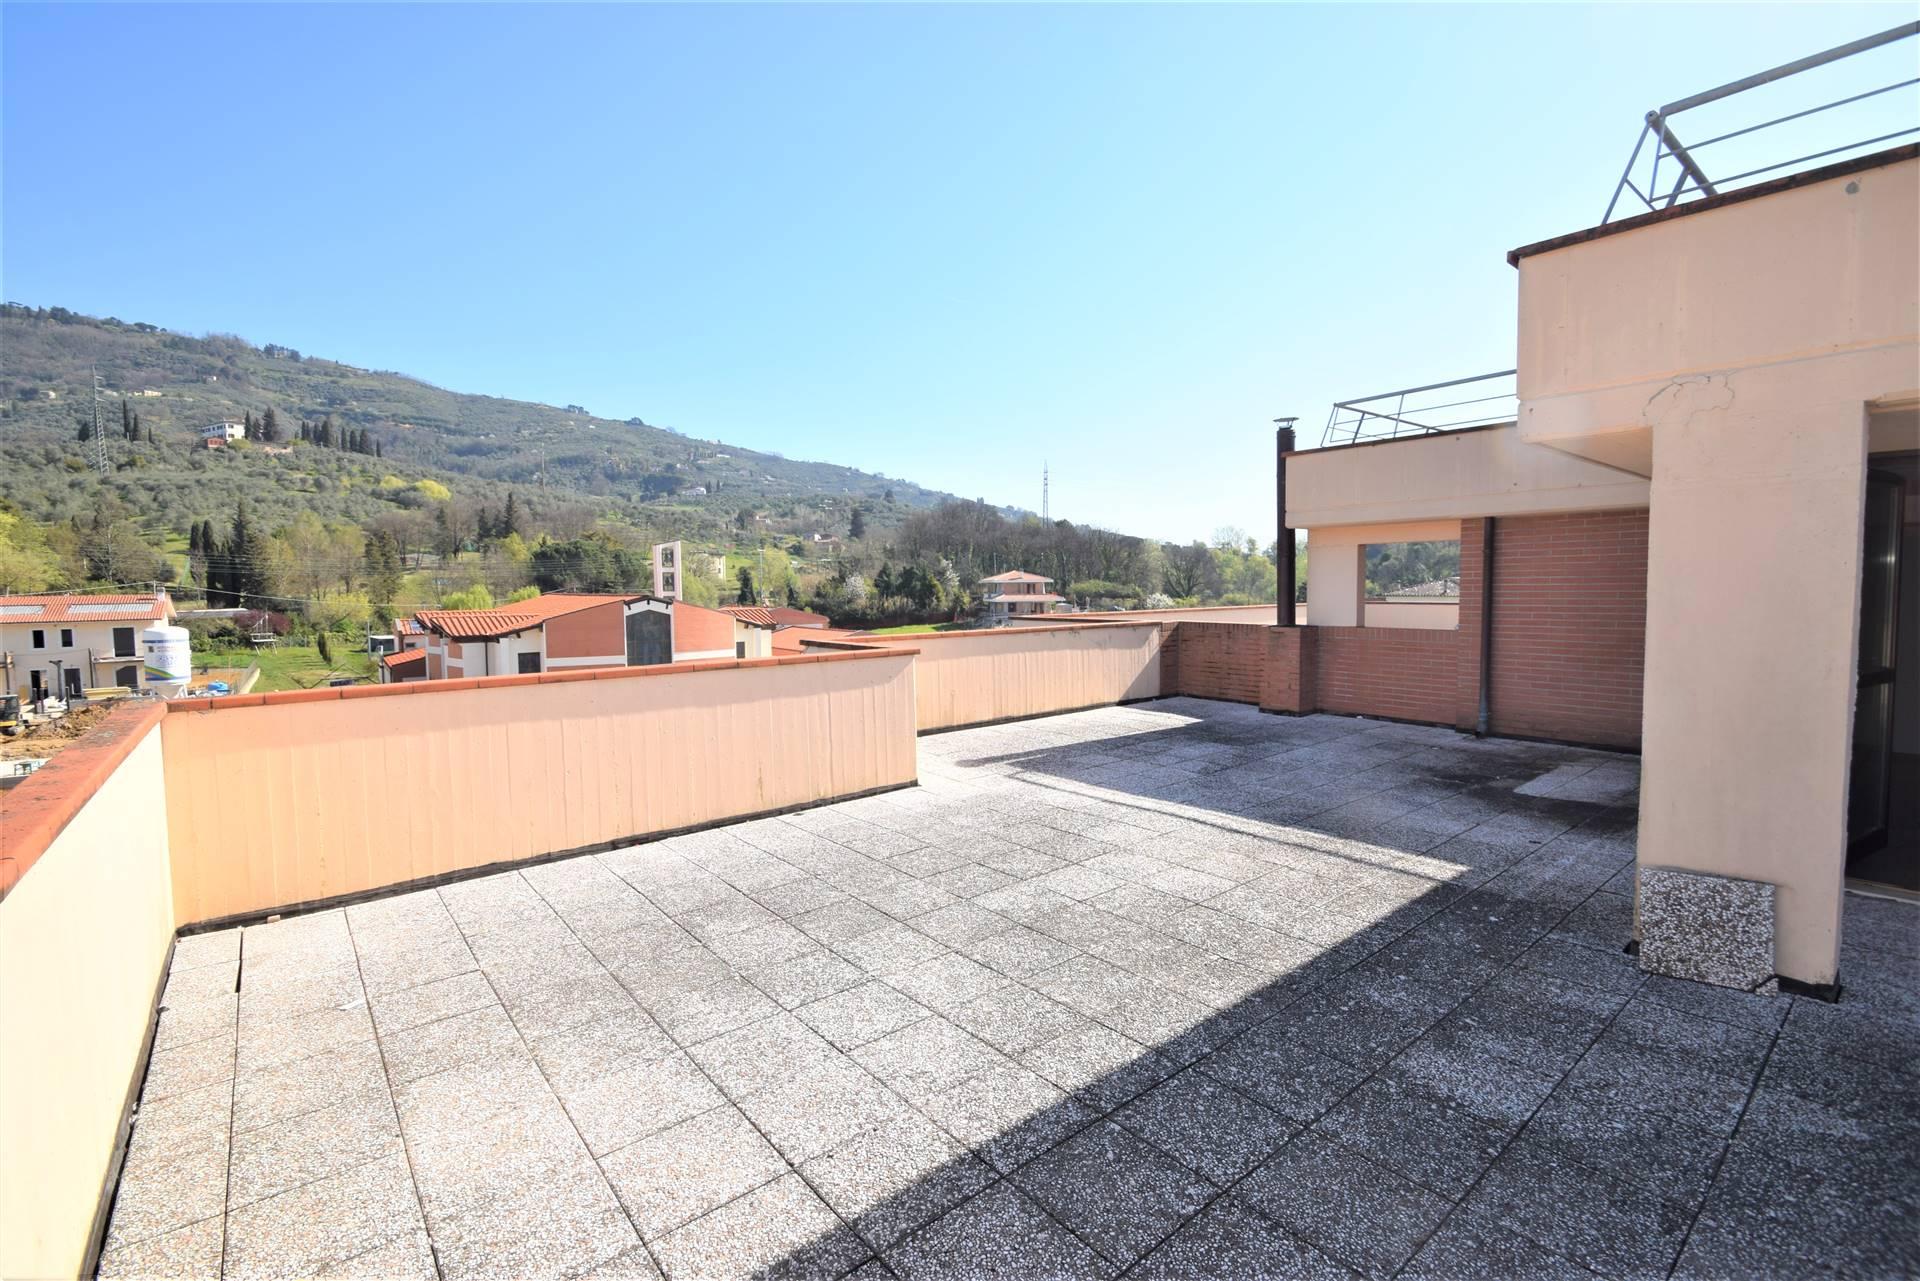 Attico / Mansarda in vendita a Uzzano, 6 locali, prezzo € 123.000 | PortaleAgenzieImmobiliari.it